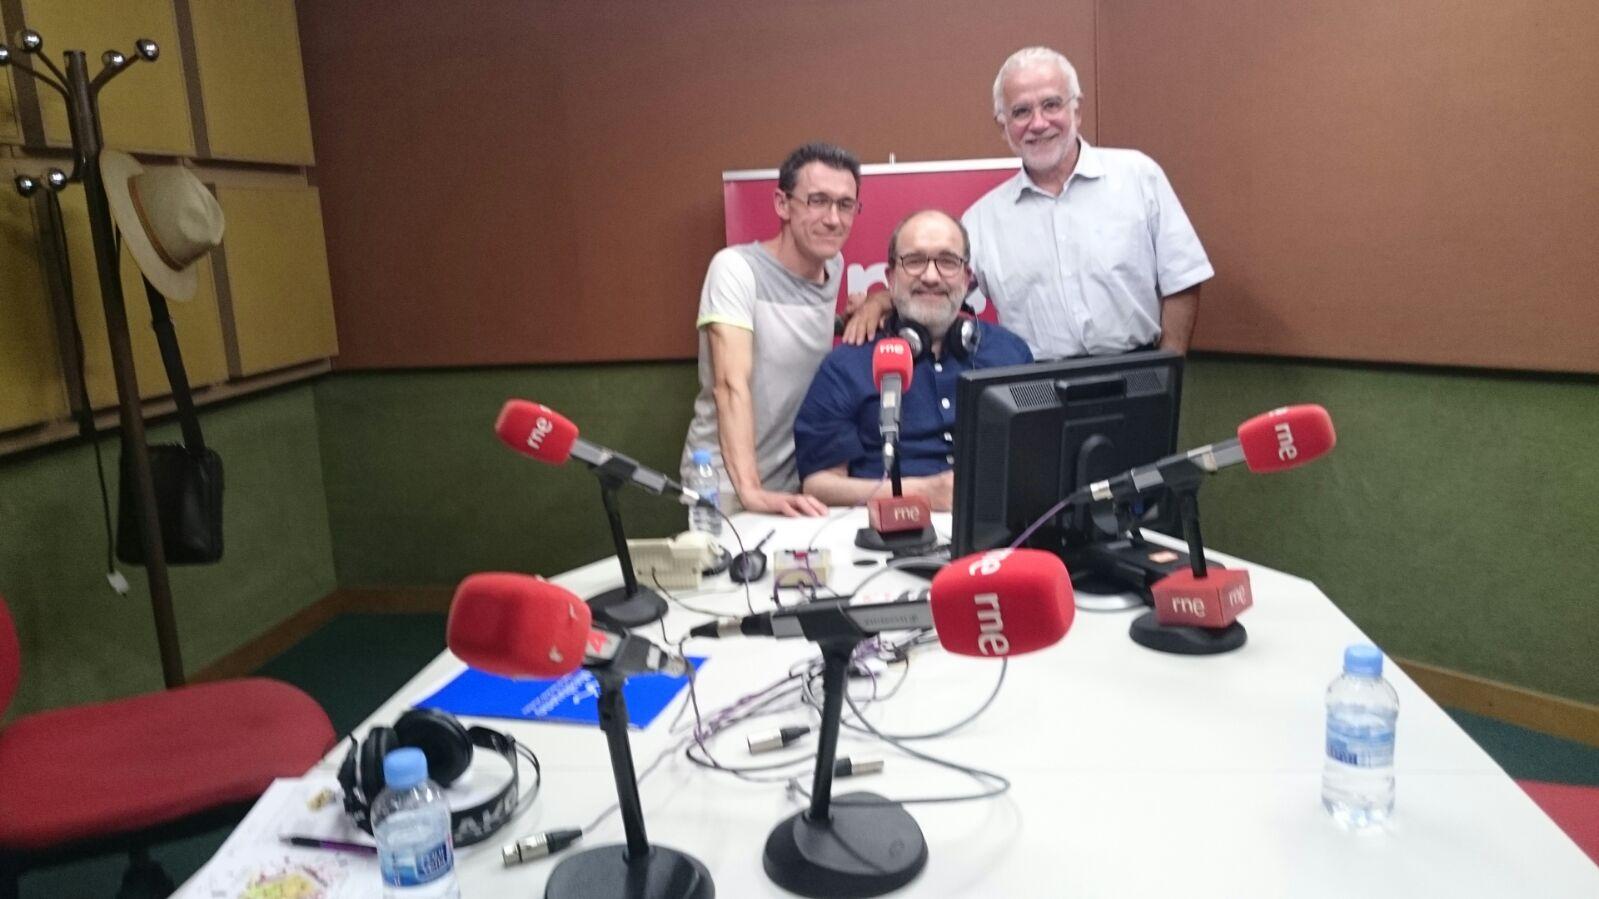 Jorge pastor participa en el programa del campo a la mesa for Carles mesa radio nacional